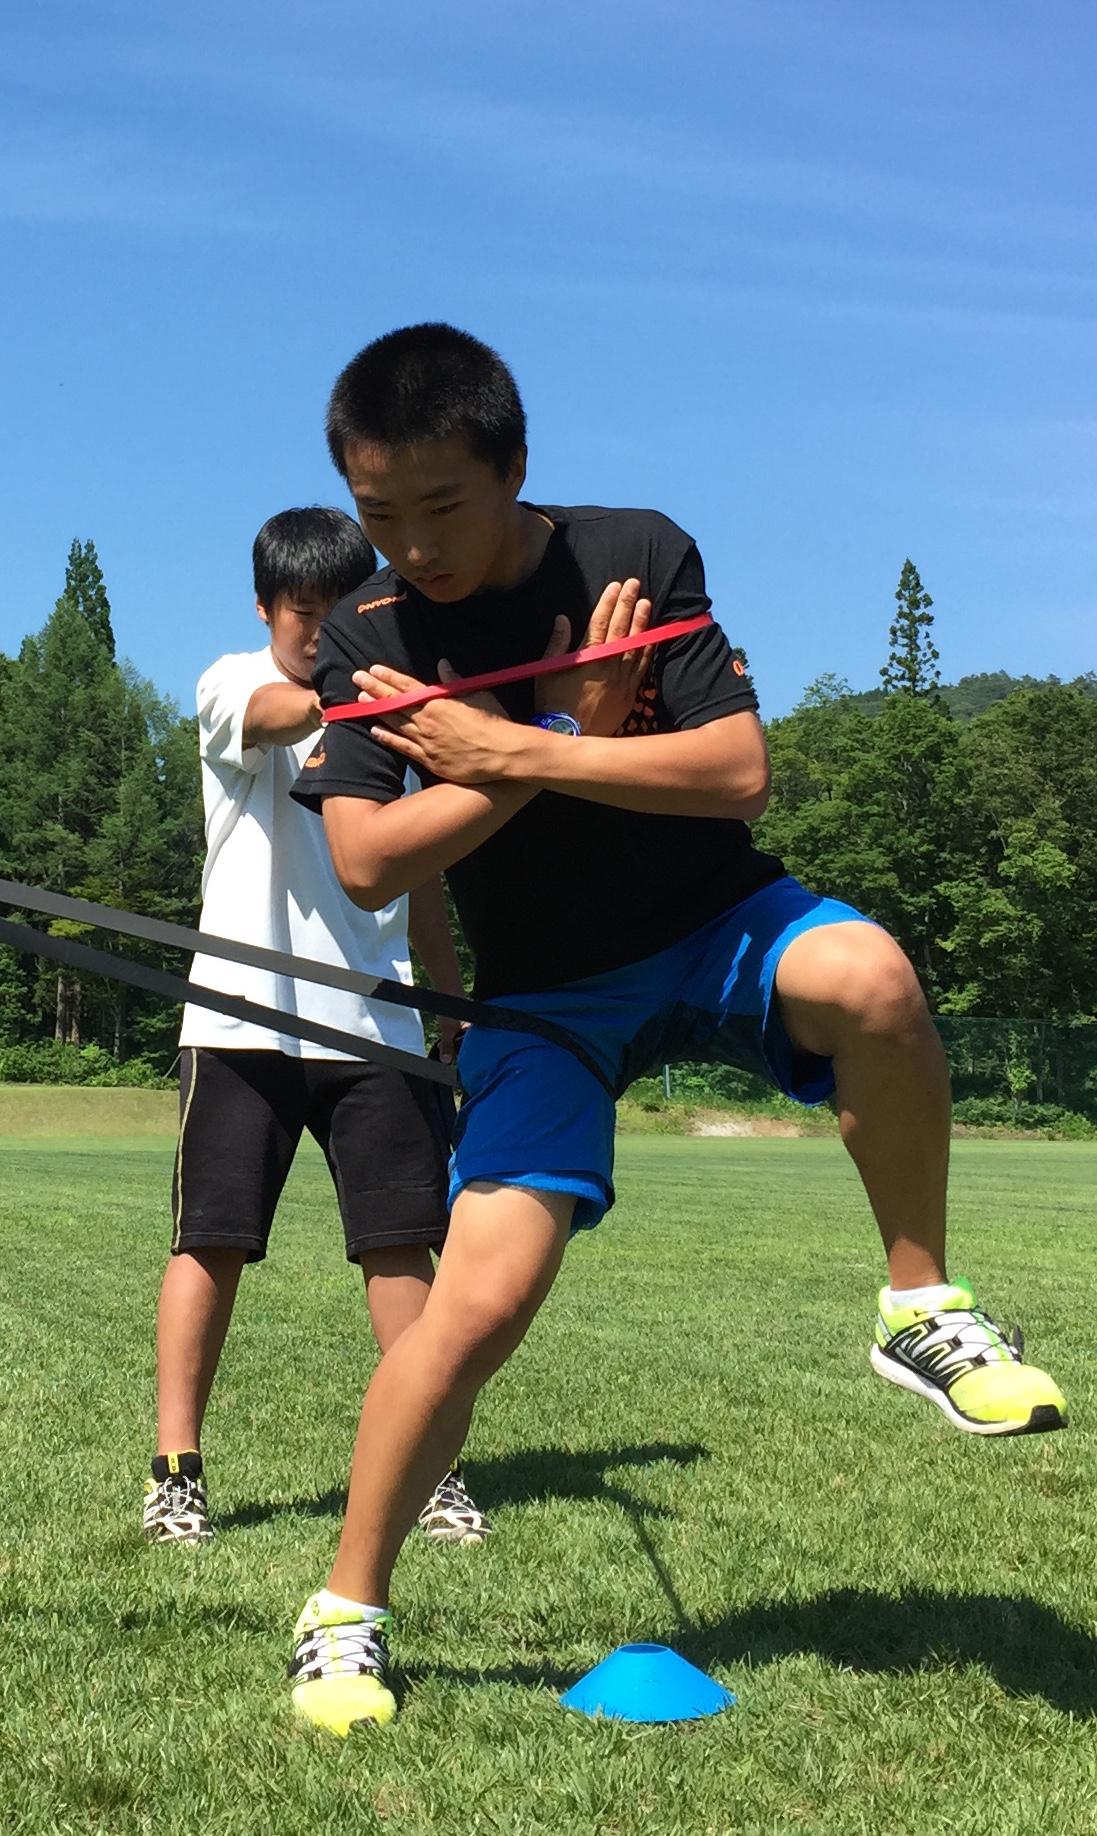 フィールドトレーニングイメージ画像